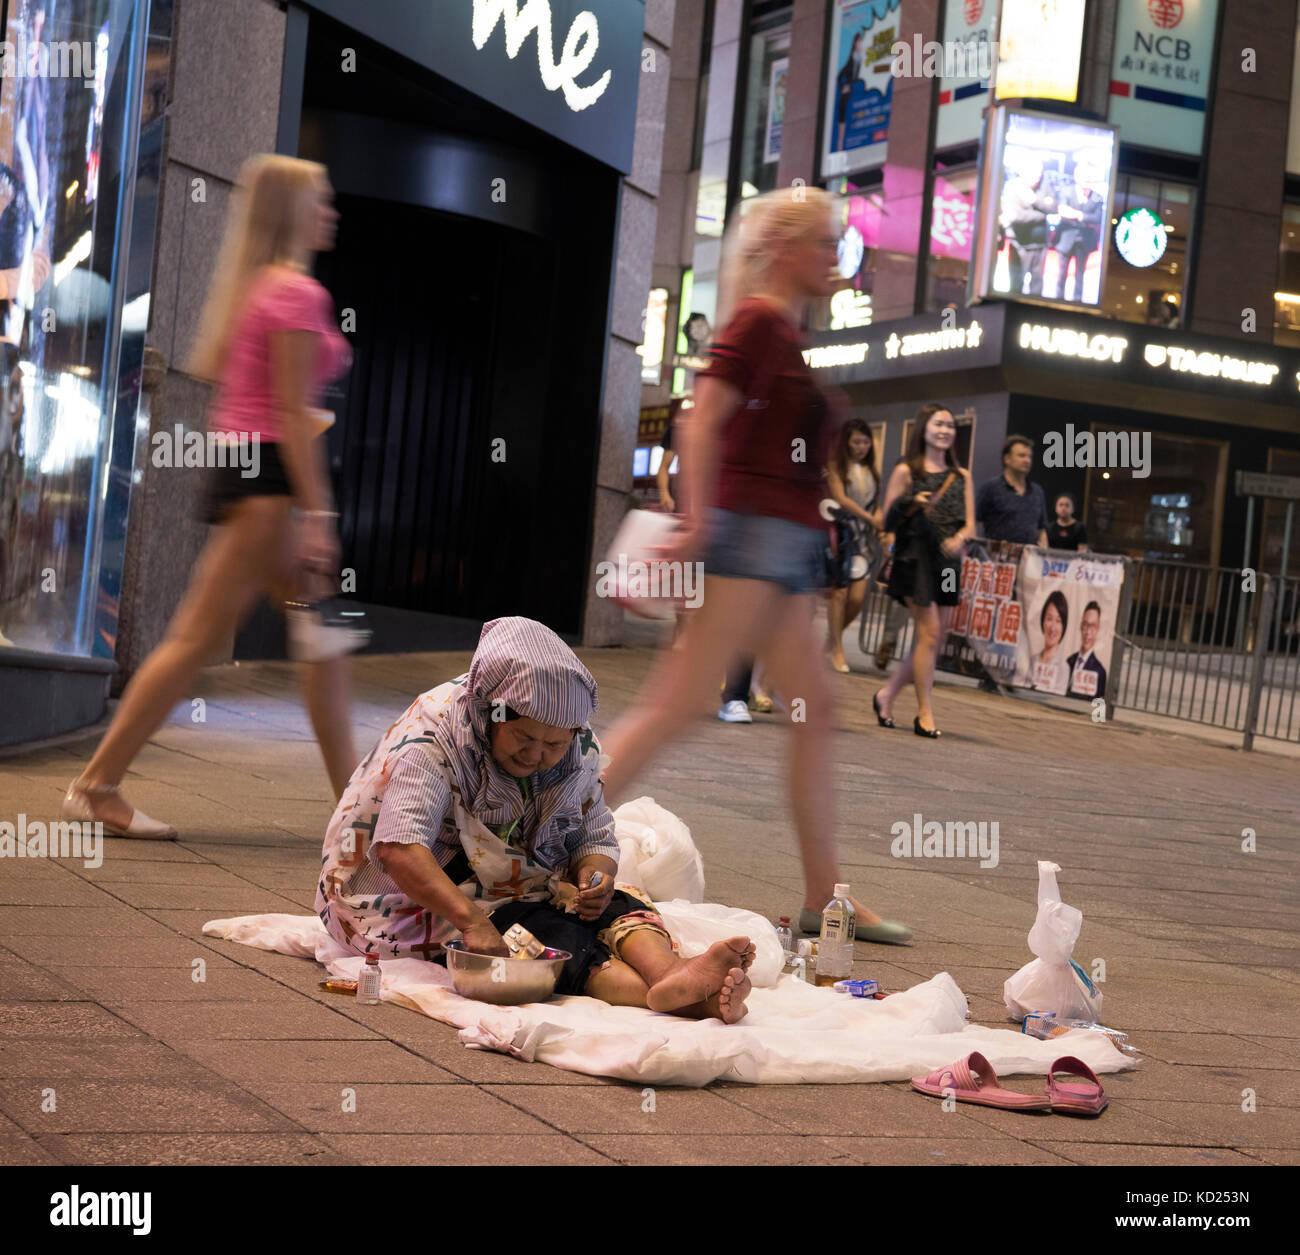 La povertà e i senzatetto, Hong Kong, Cina. Immagini Stock